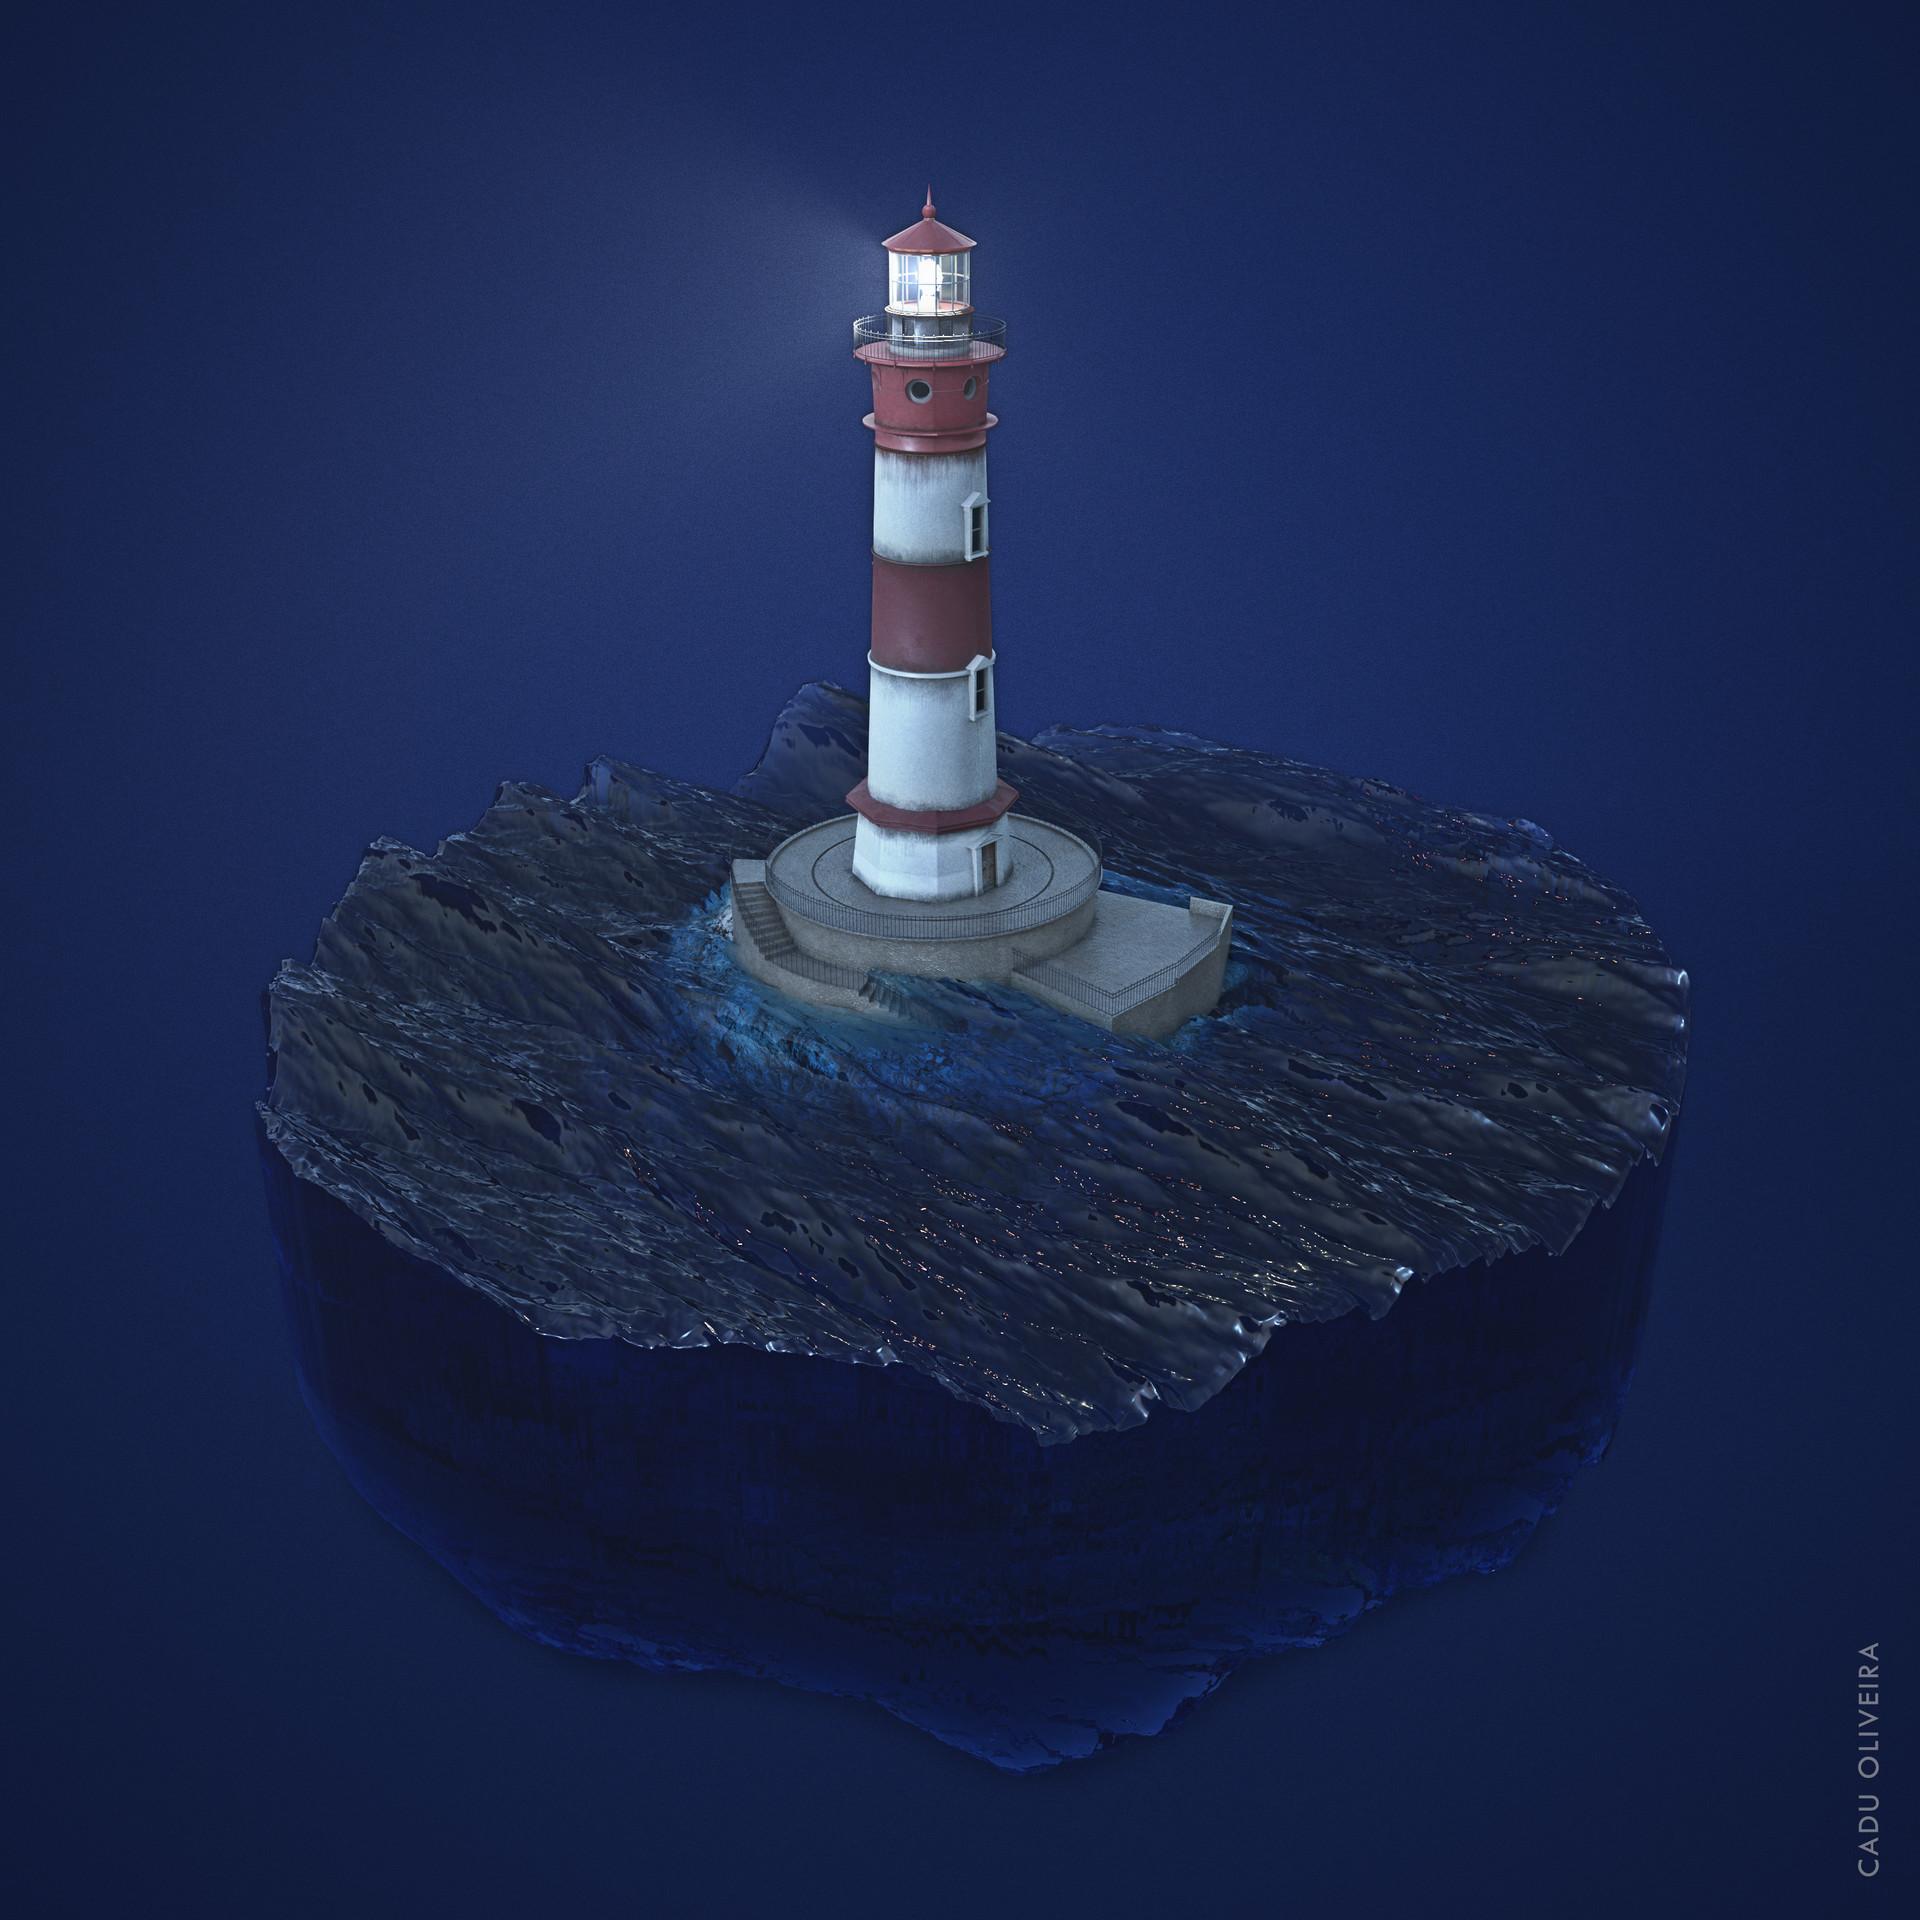 gta 5 lighthouse